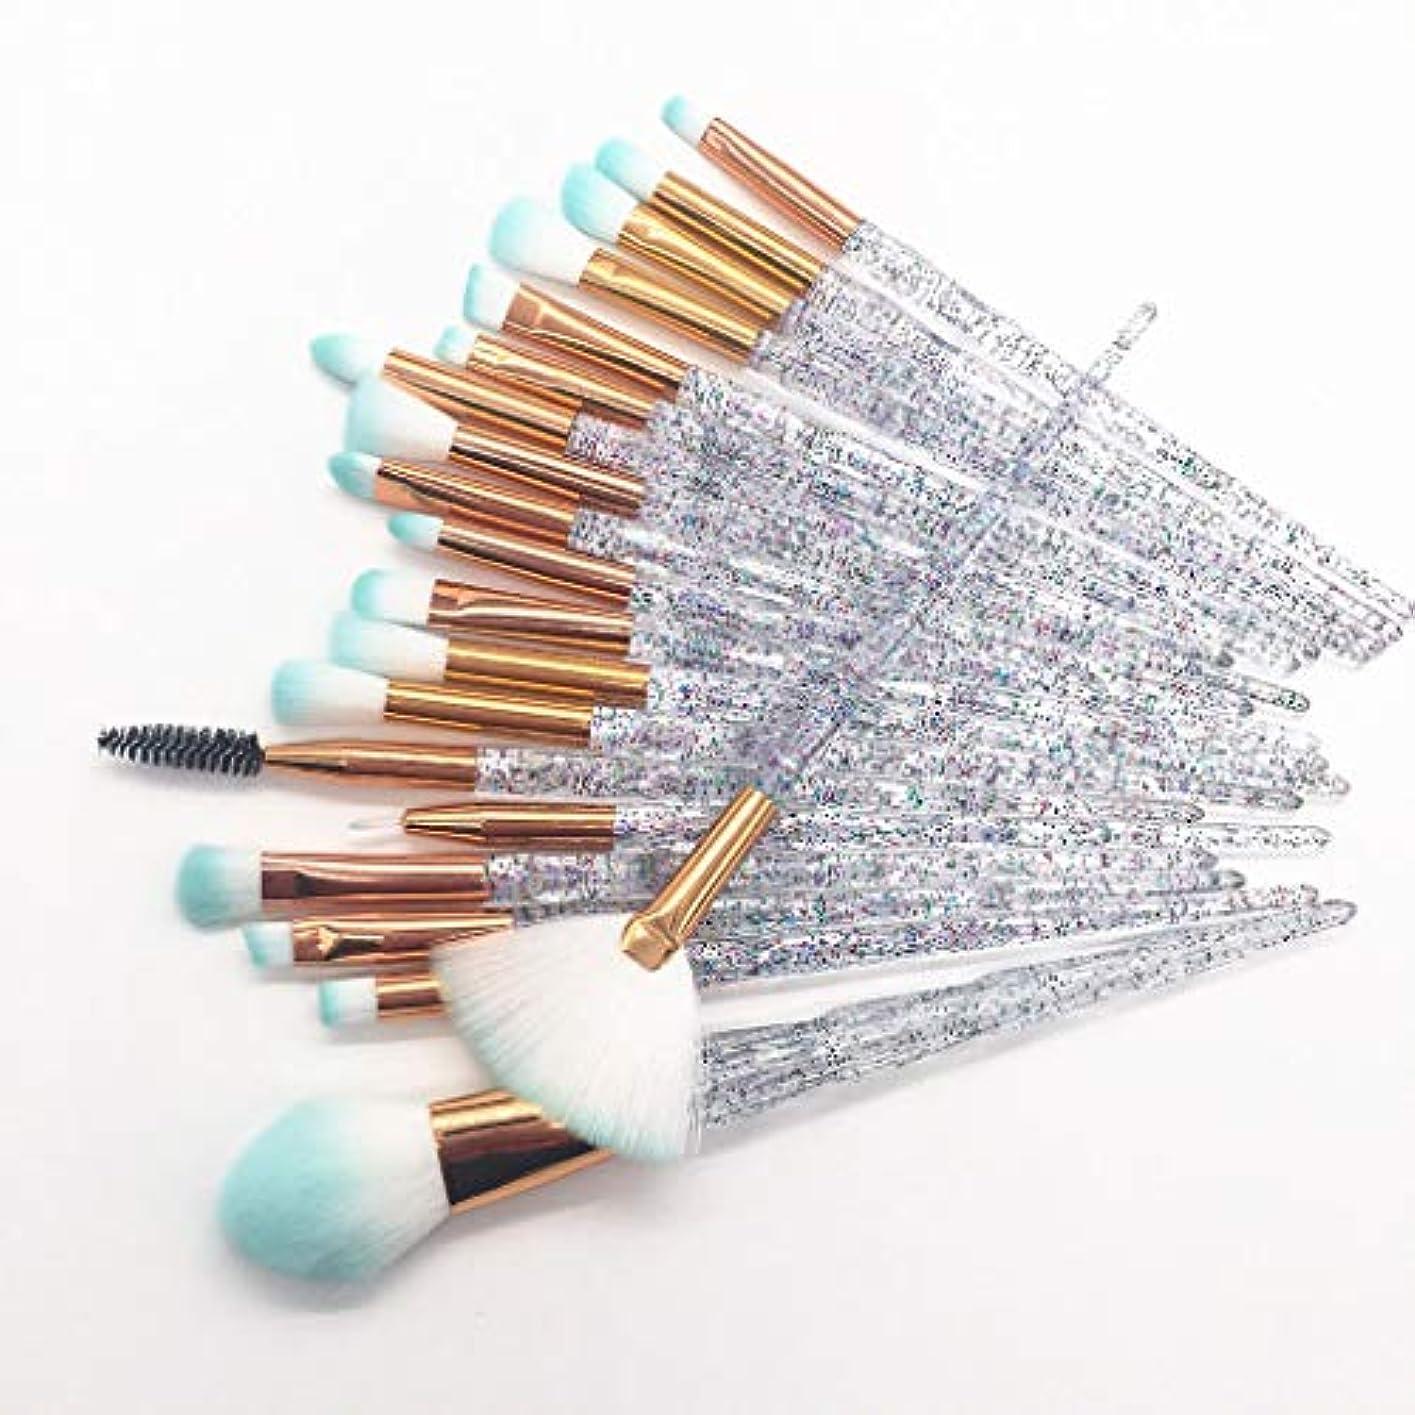 気配りのある大きなスケールで見ると優しさ20化粧筆ビギナービューティーキット